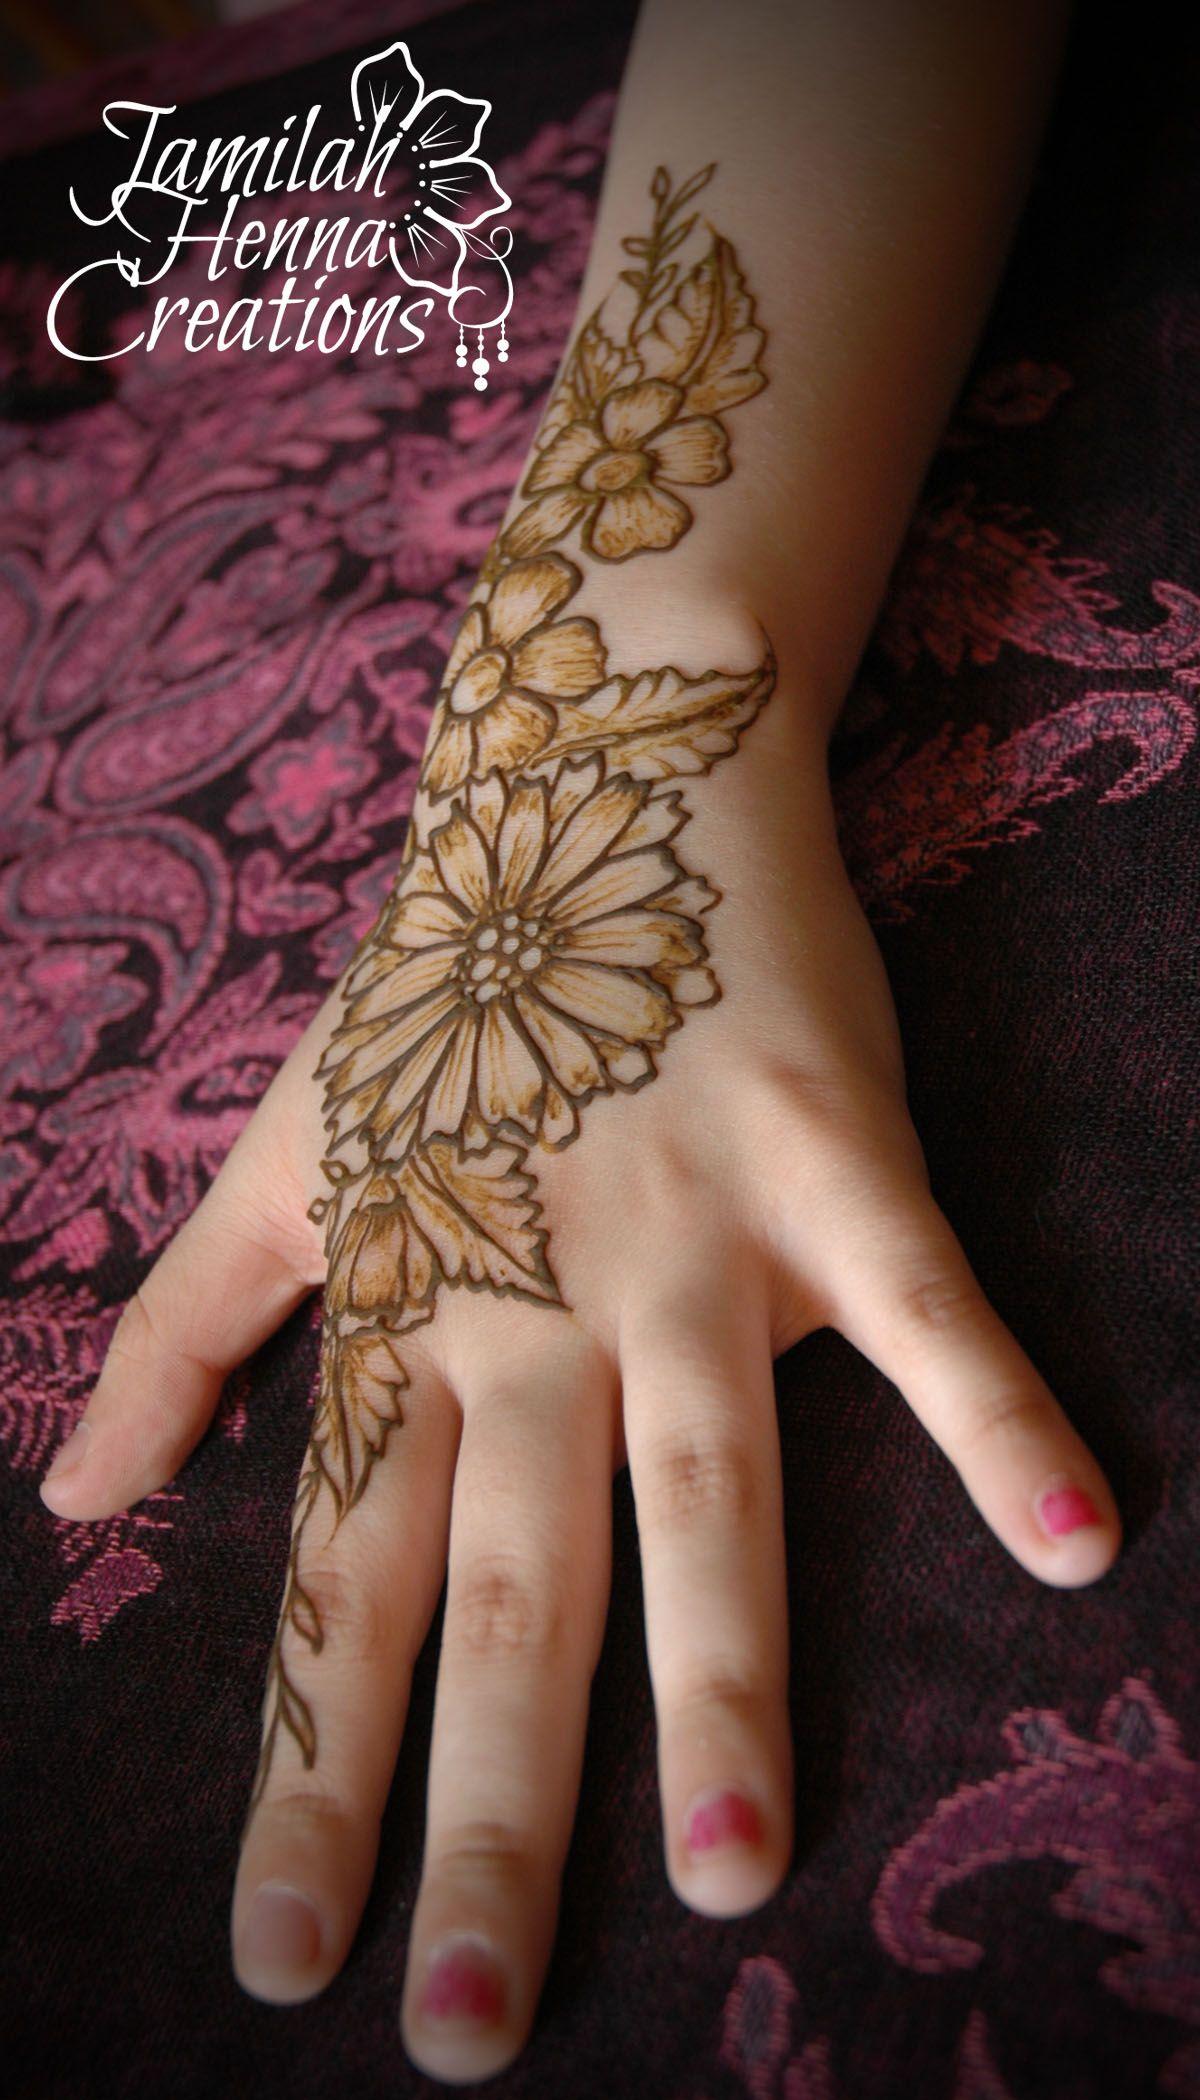 Sunflower Henna Tattoo: Sunflower Henna Www.jamilahhennacreations.com